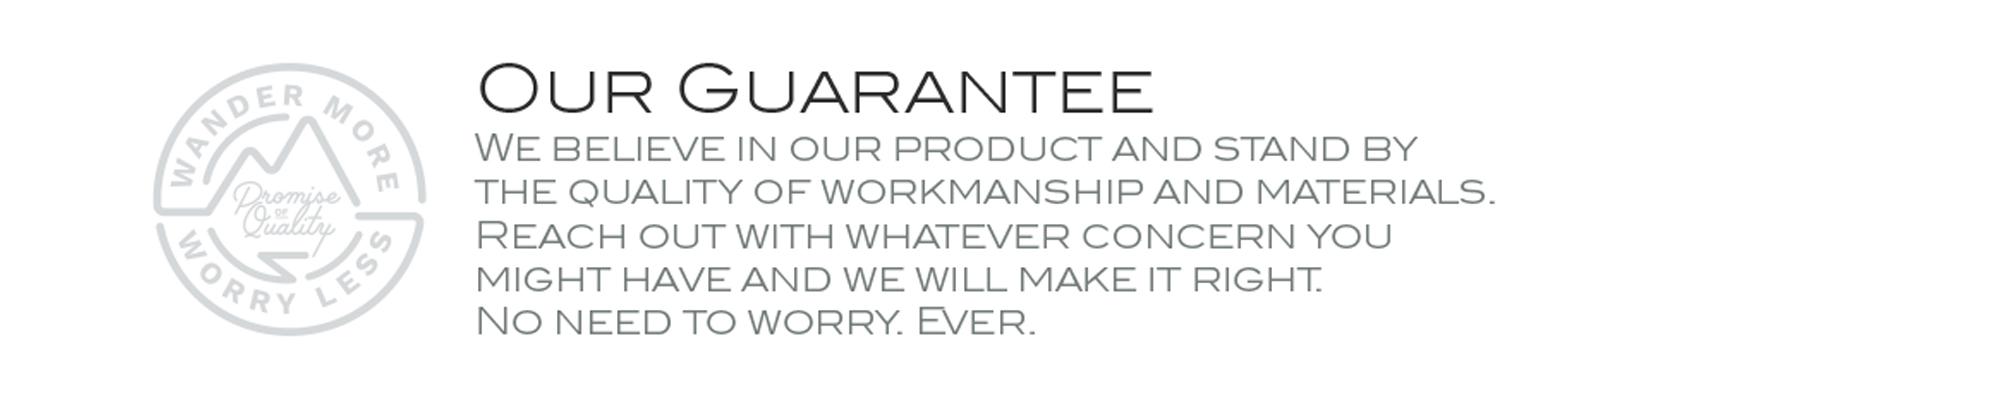 Wandrd Sling Strap - Lifetime Warranty